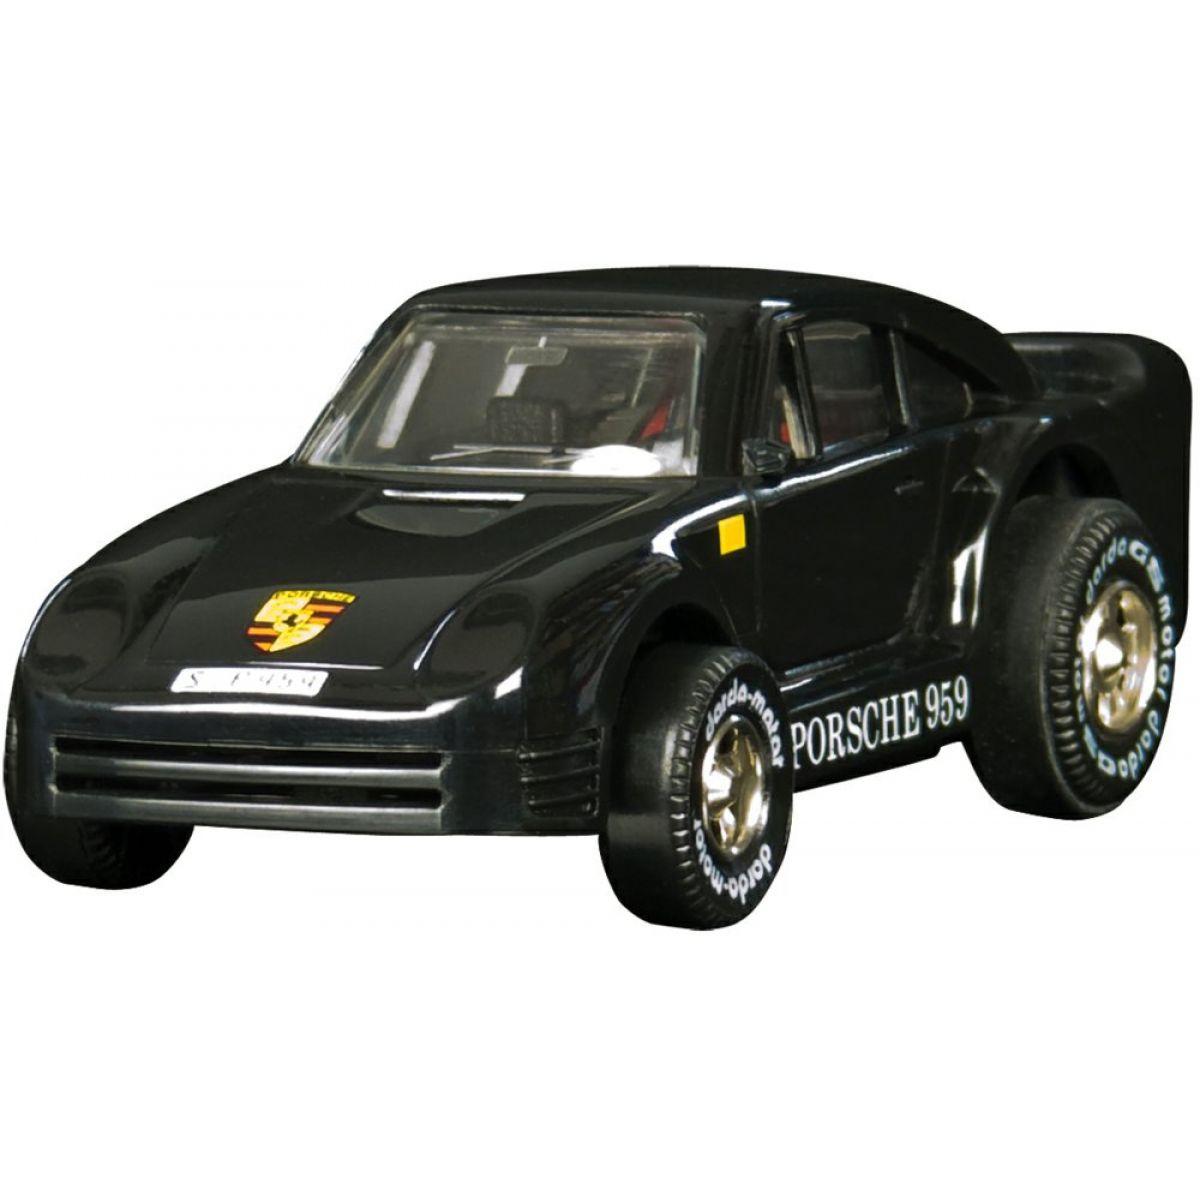 Darda Porsche 958 černé